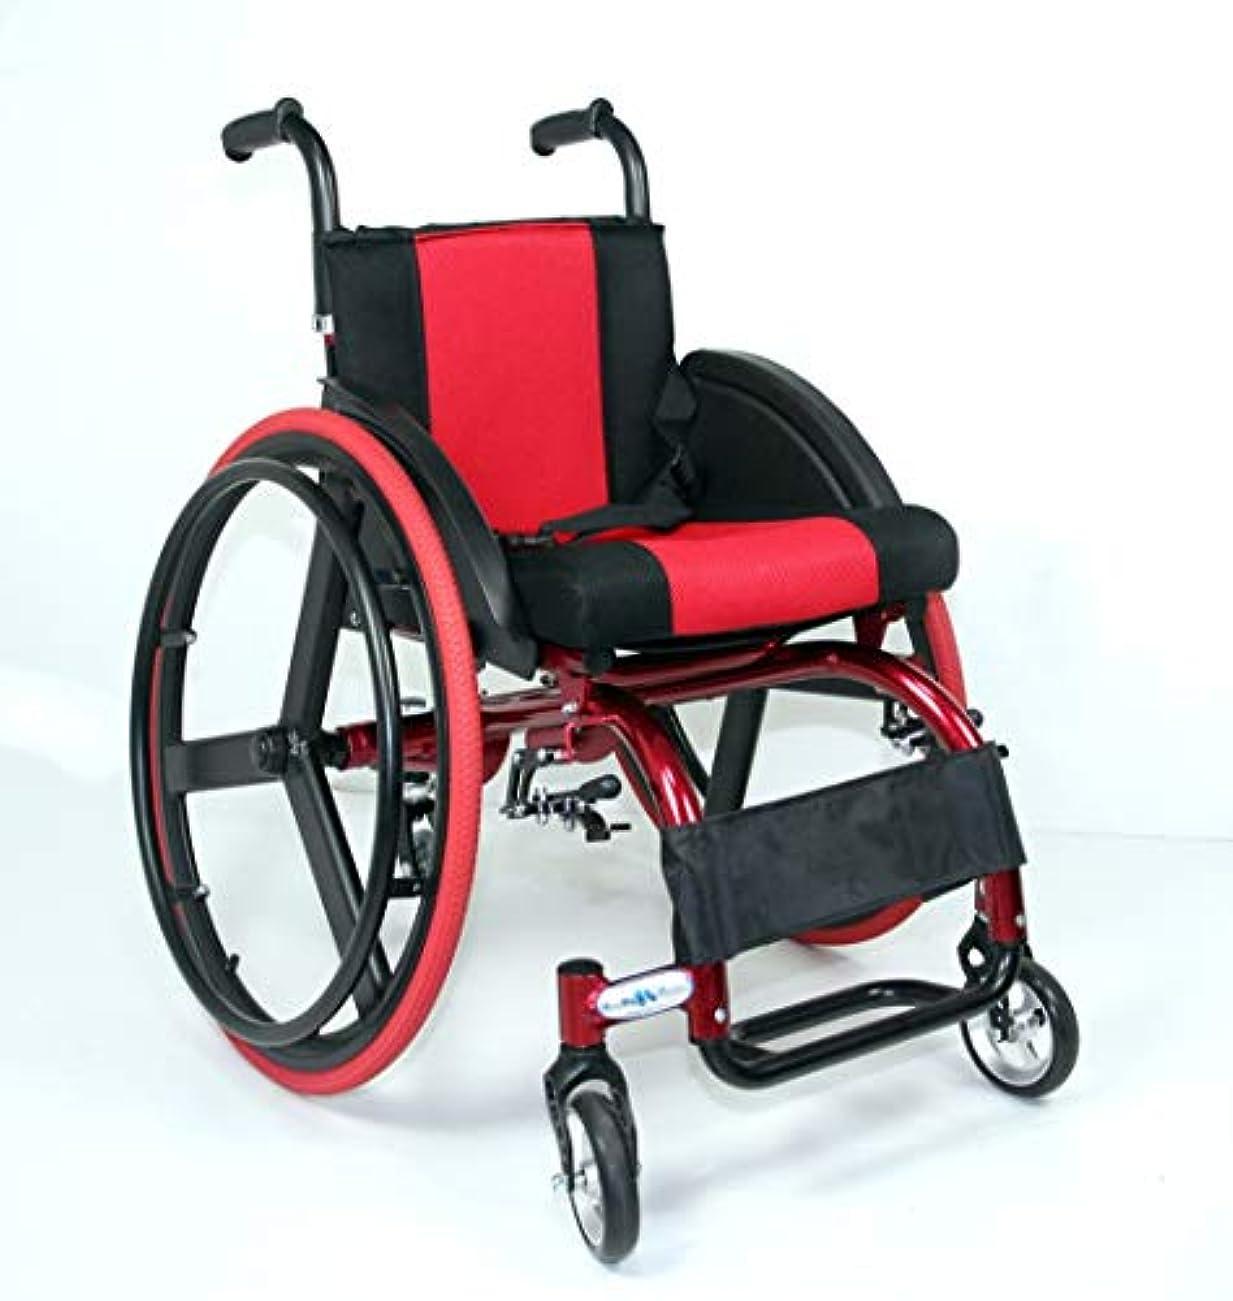 盆地そっと殺しますアルミ合金のクイックリリースの後部車輪の衝撃吸収材のトロリーが付いている余暇の車椅子ライトポータブル、24インチの後部車輪は1つのボタンで取除くことができます